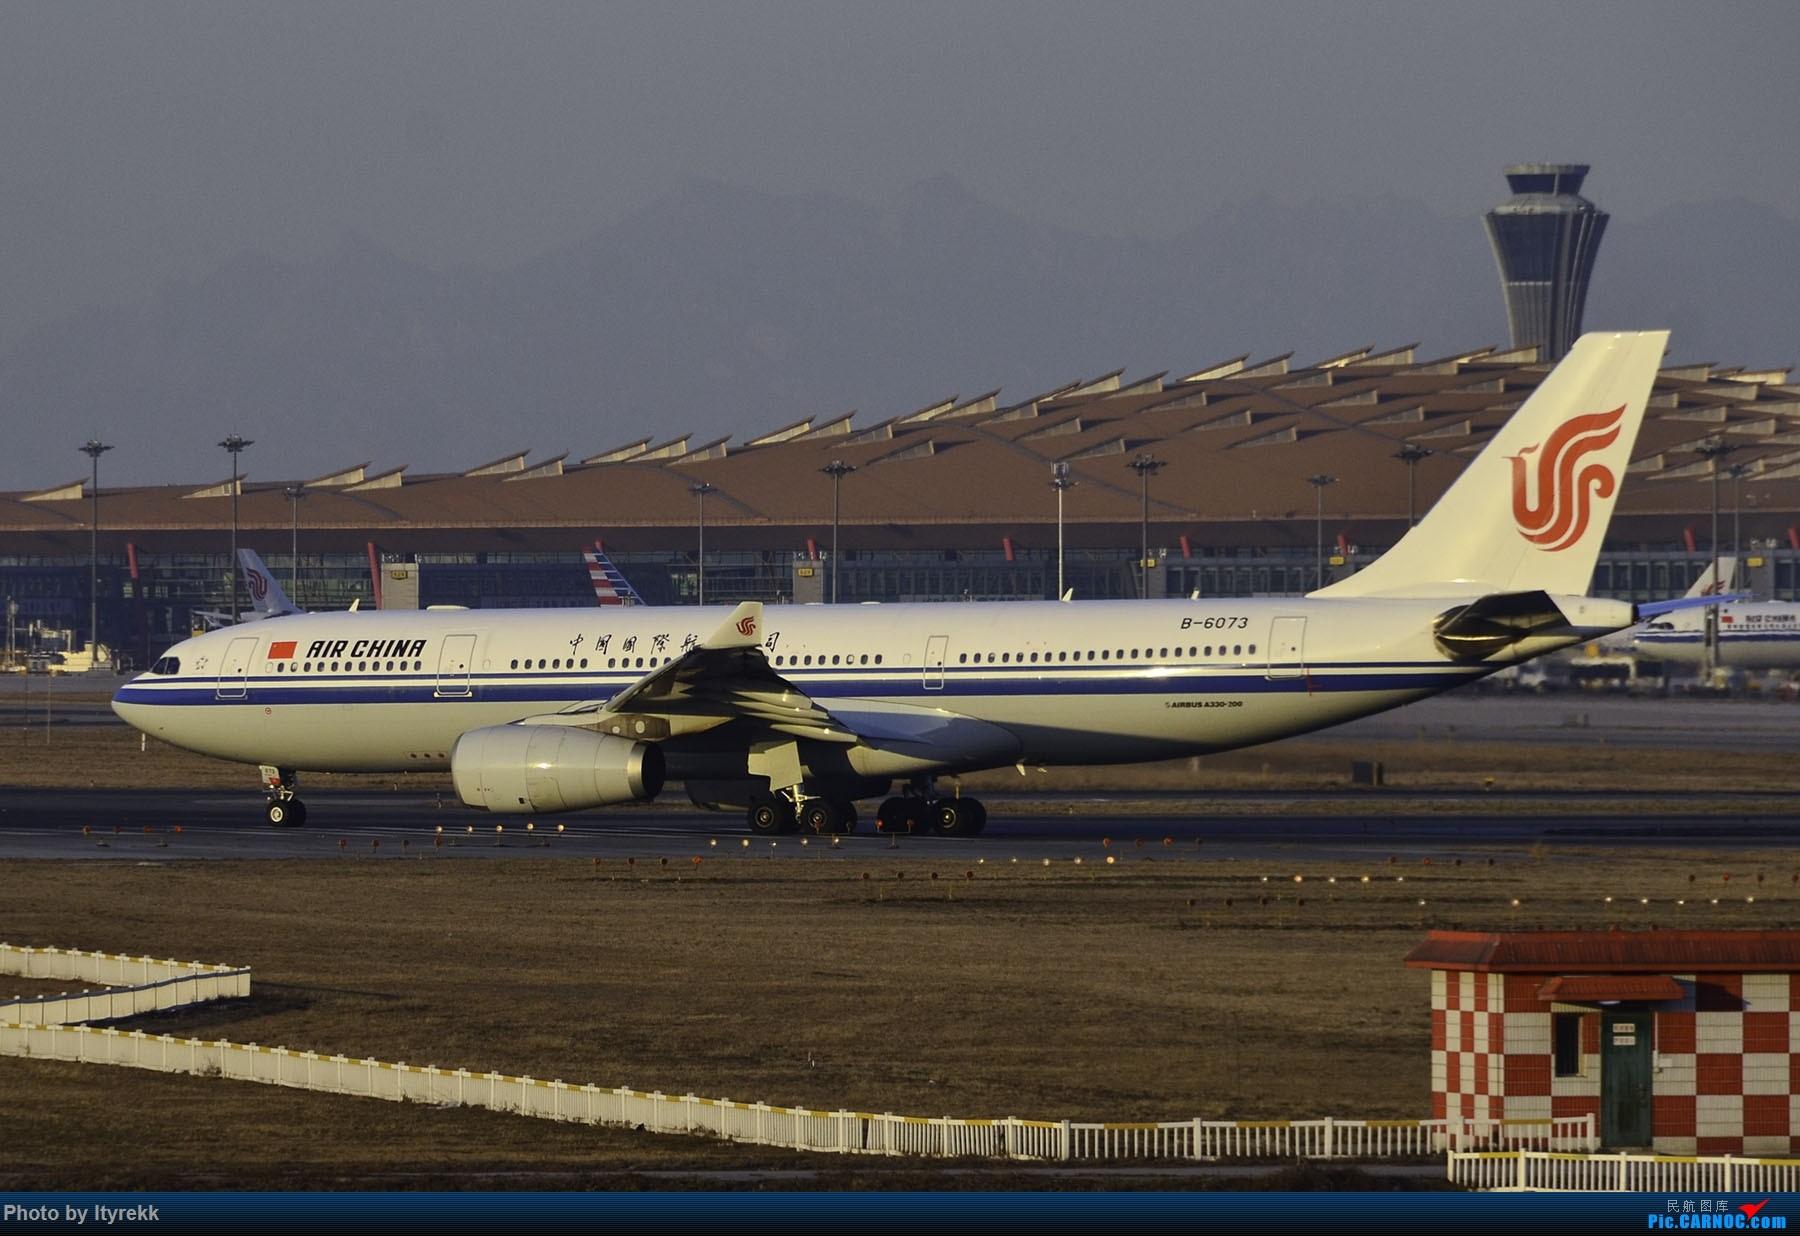 Re:[原创]PEK一日游 收获厦航首架789 B-1566等 AIRBUS A330-200 B-6073 中国北京首都国际机场